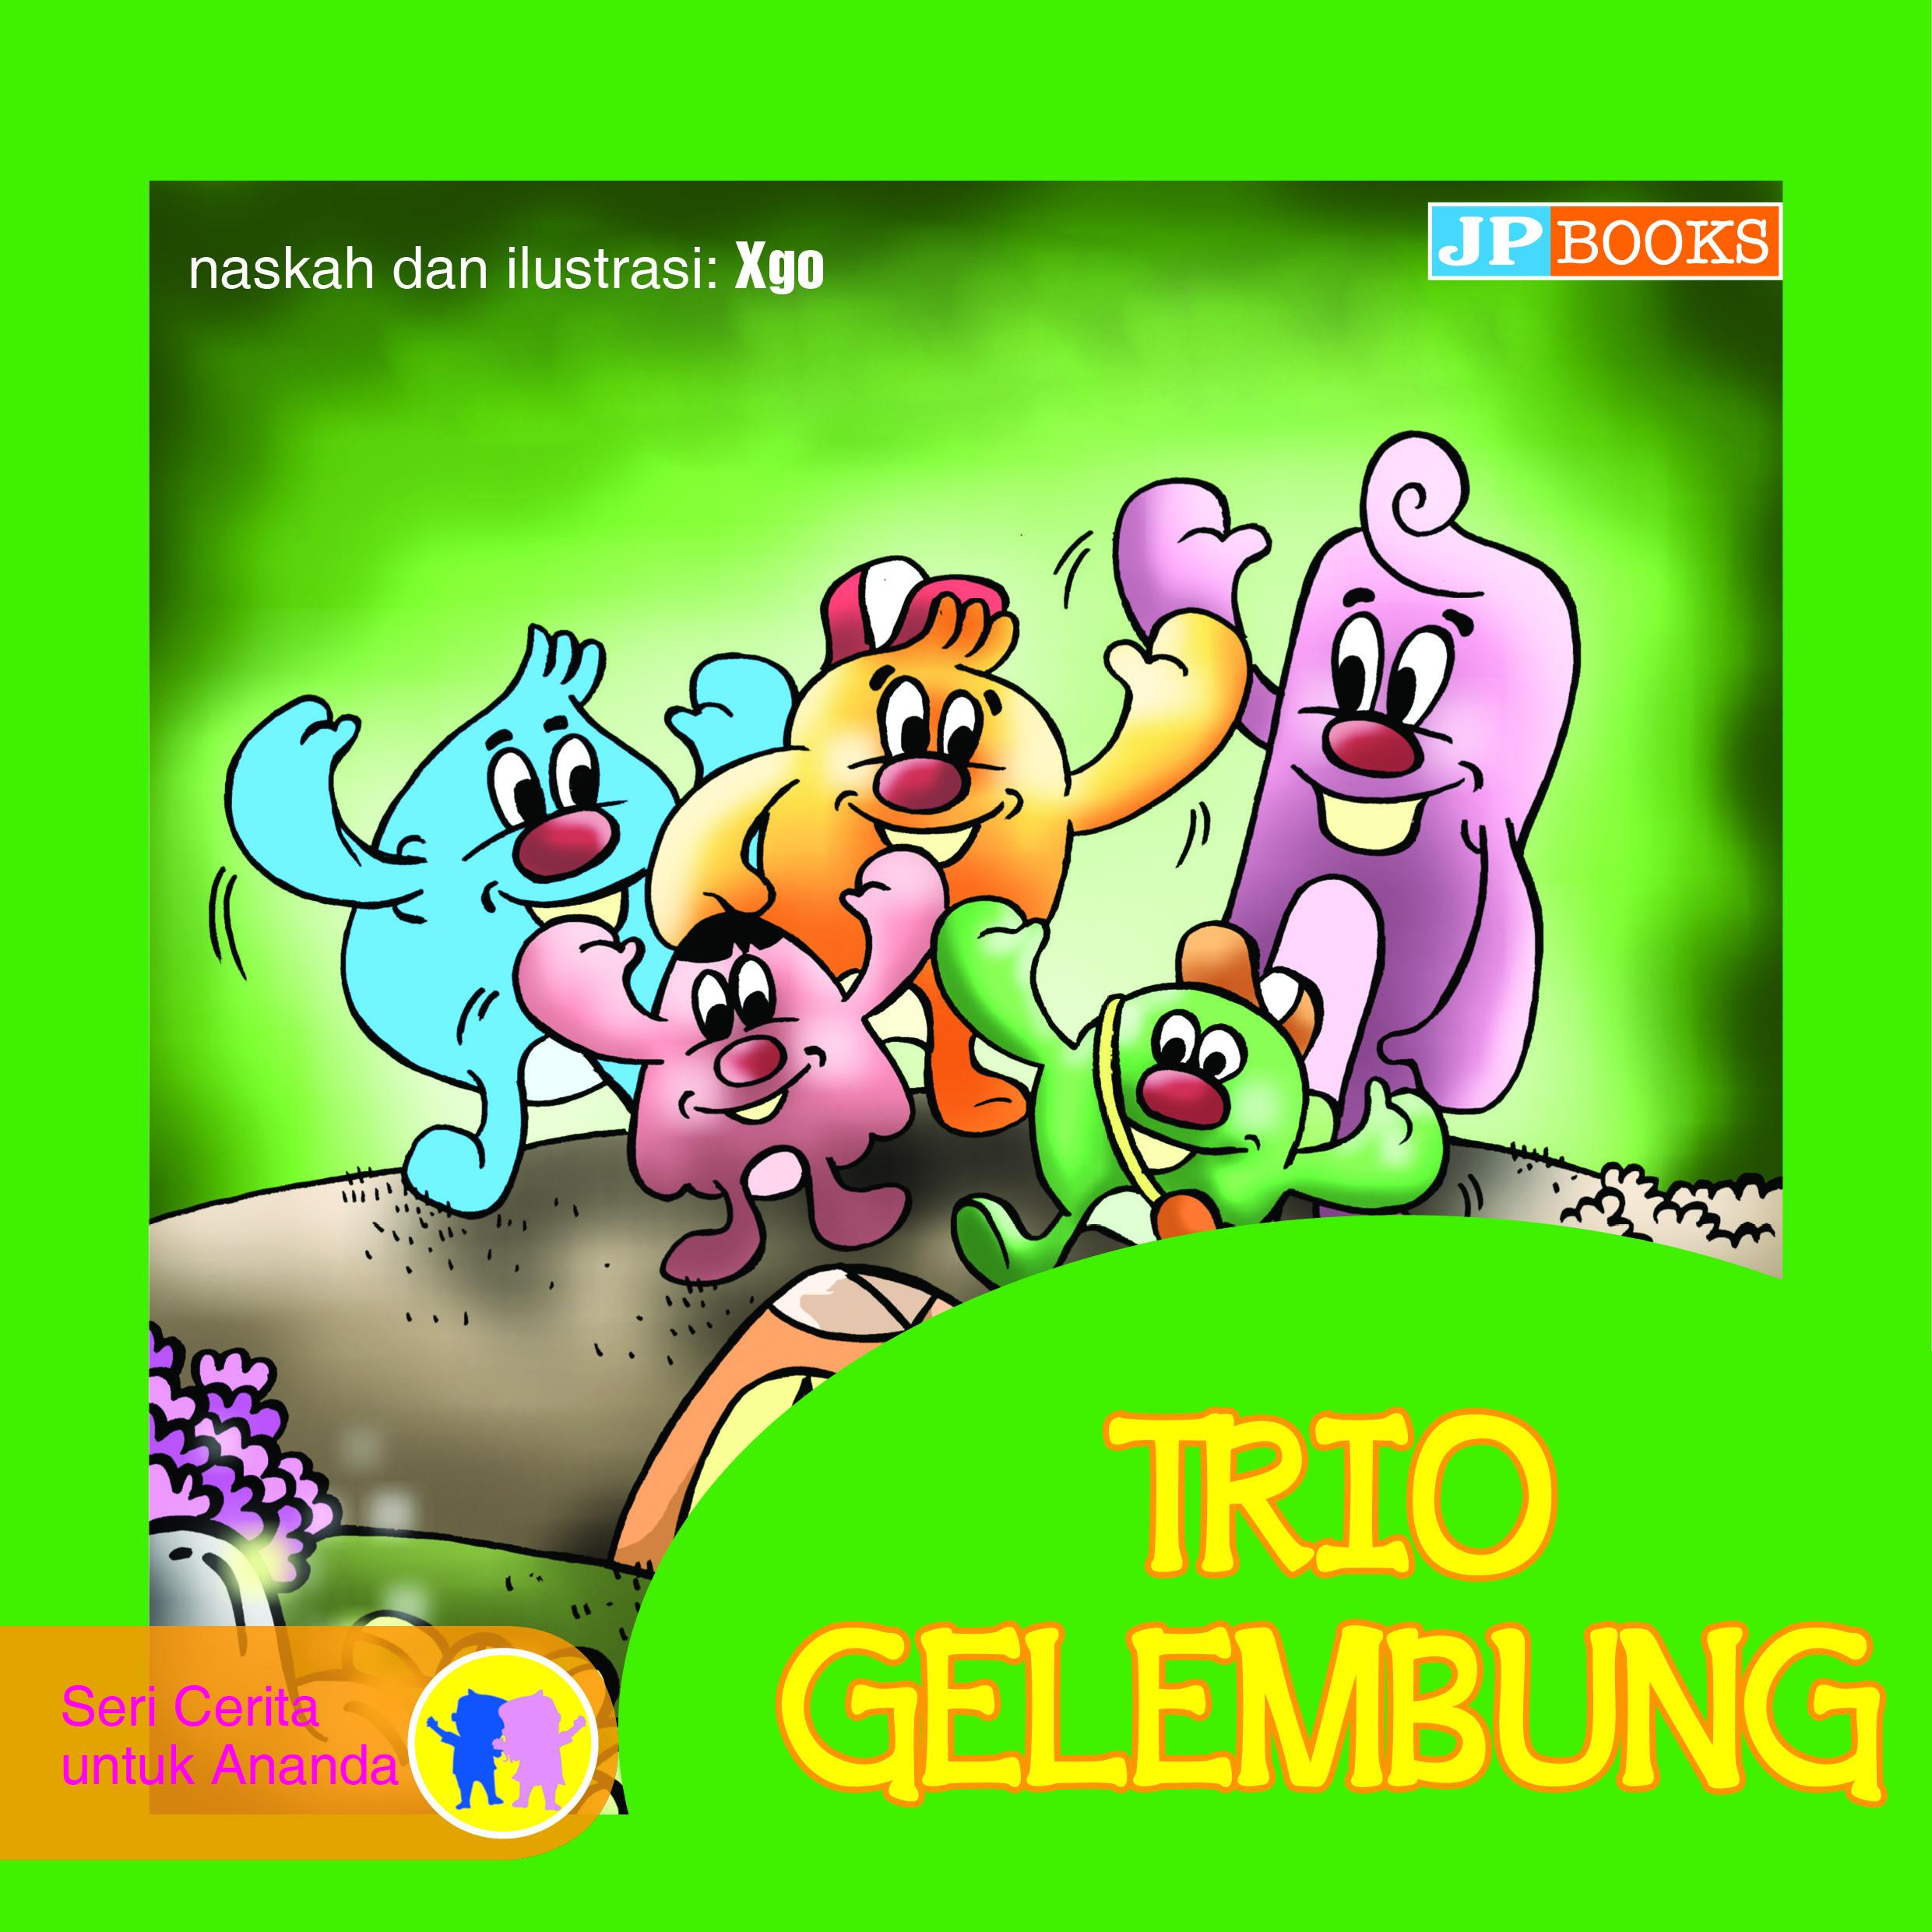 Trio gelembung [sumber elektronis]